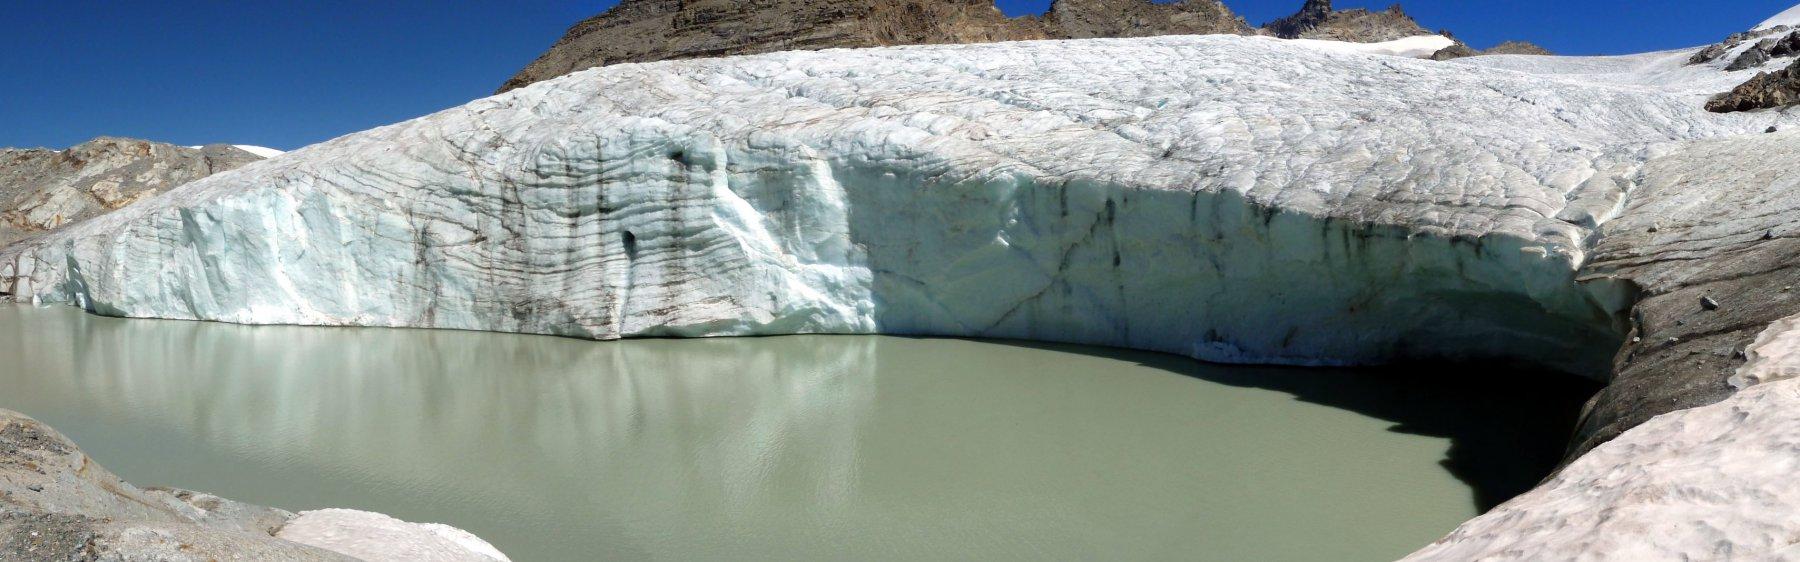 ai piedi del ghiacciaio del gran mean